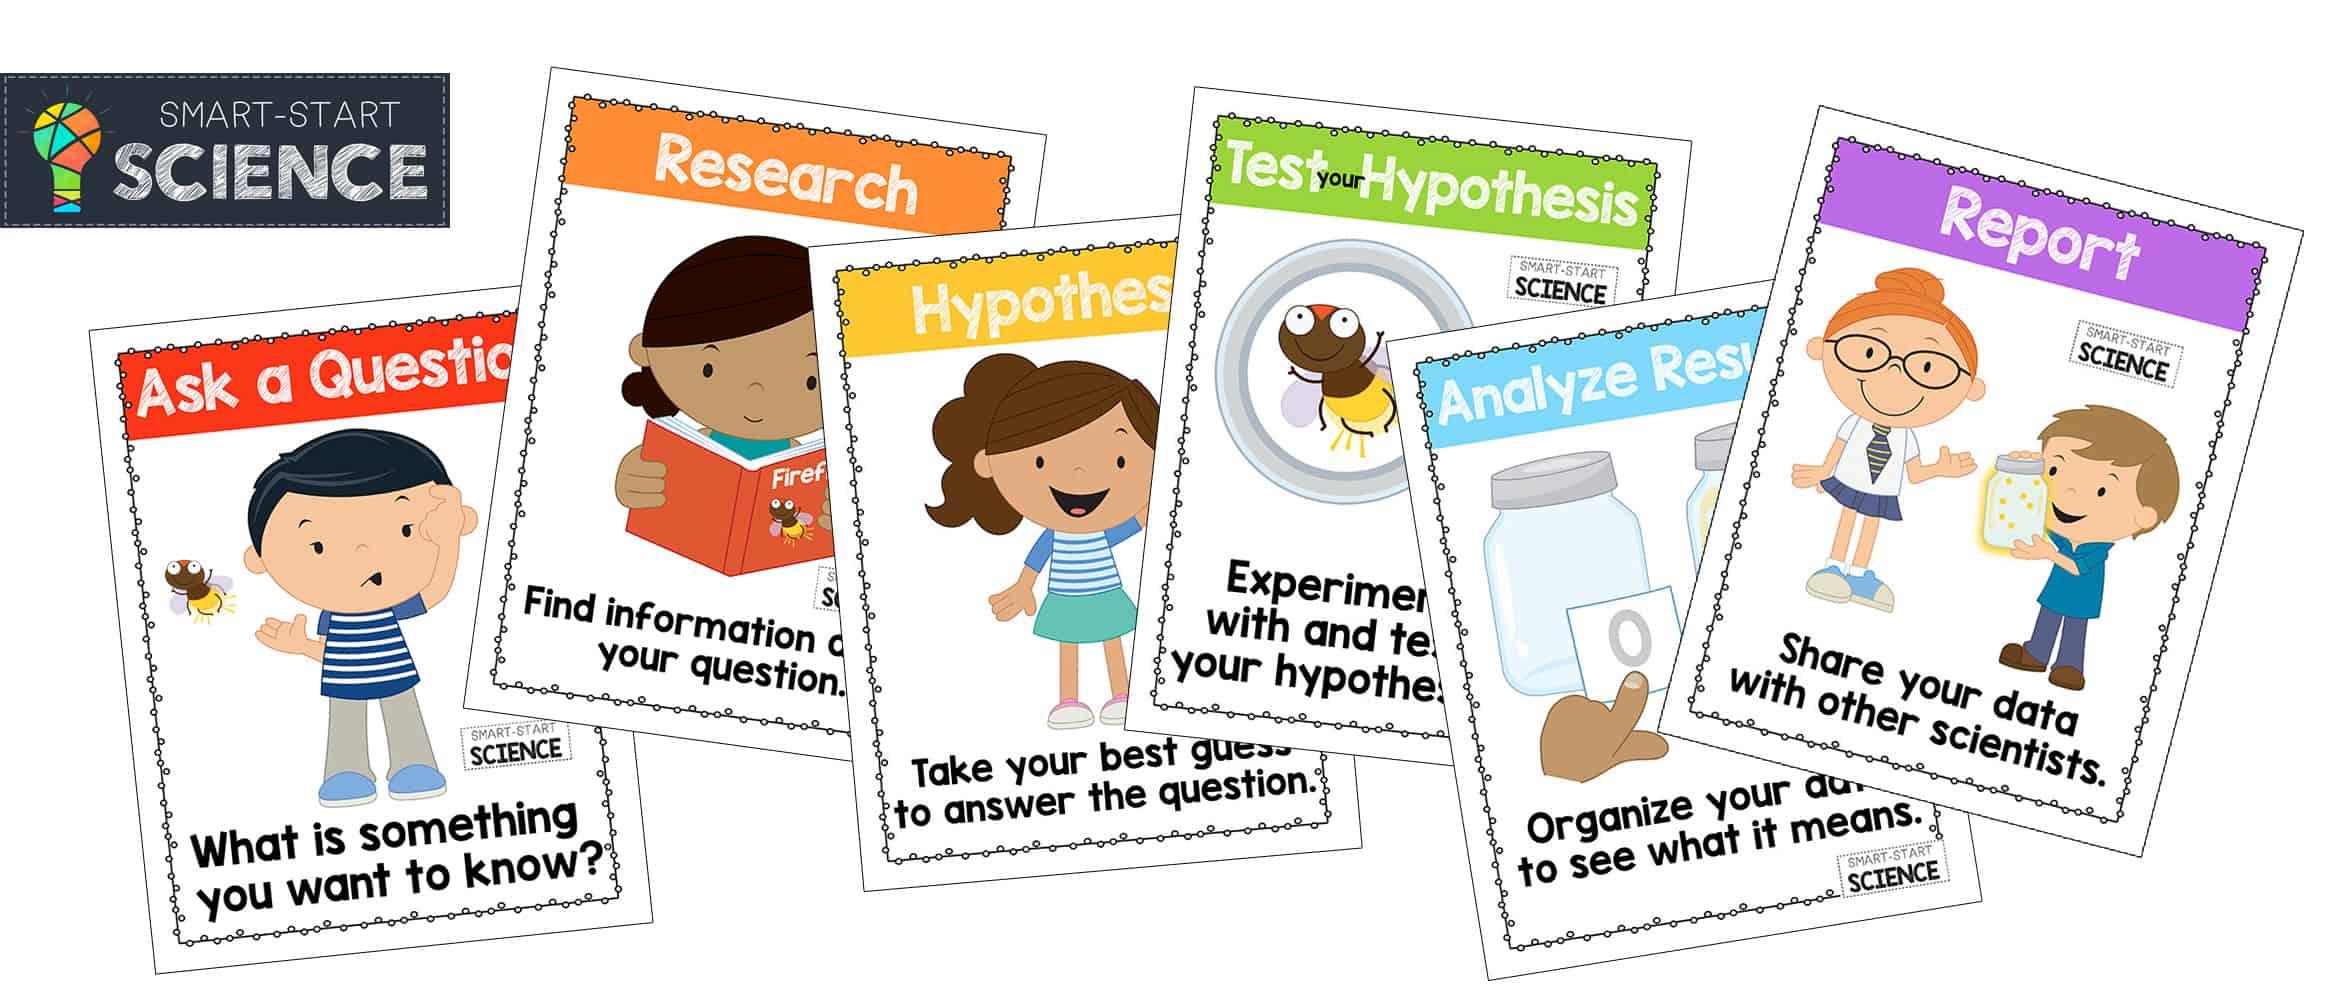 worksheet Scientific Method Worksheet Elementary scientific method printables smart start science pack teaching about the method